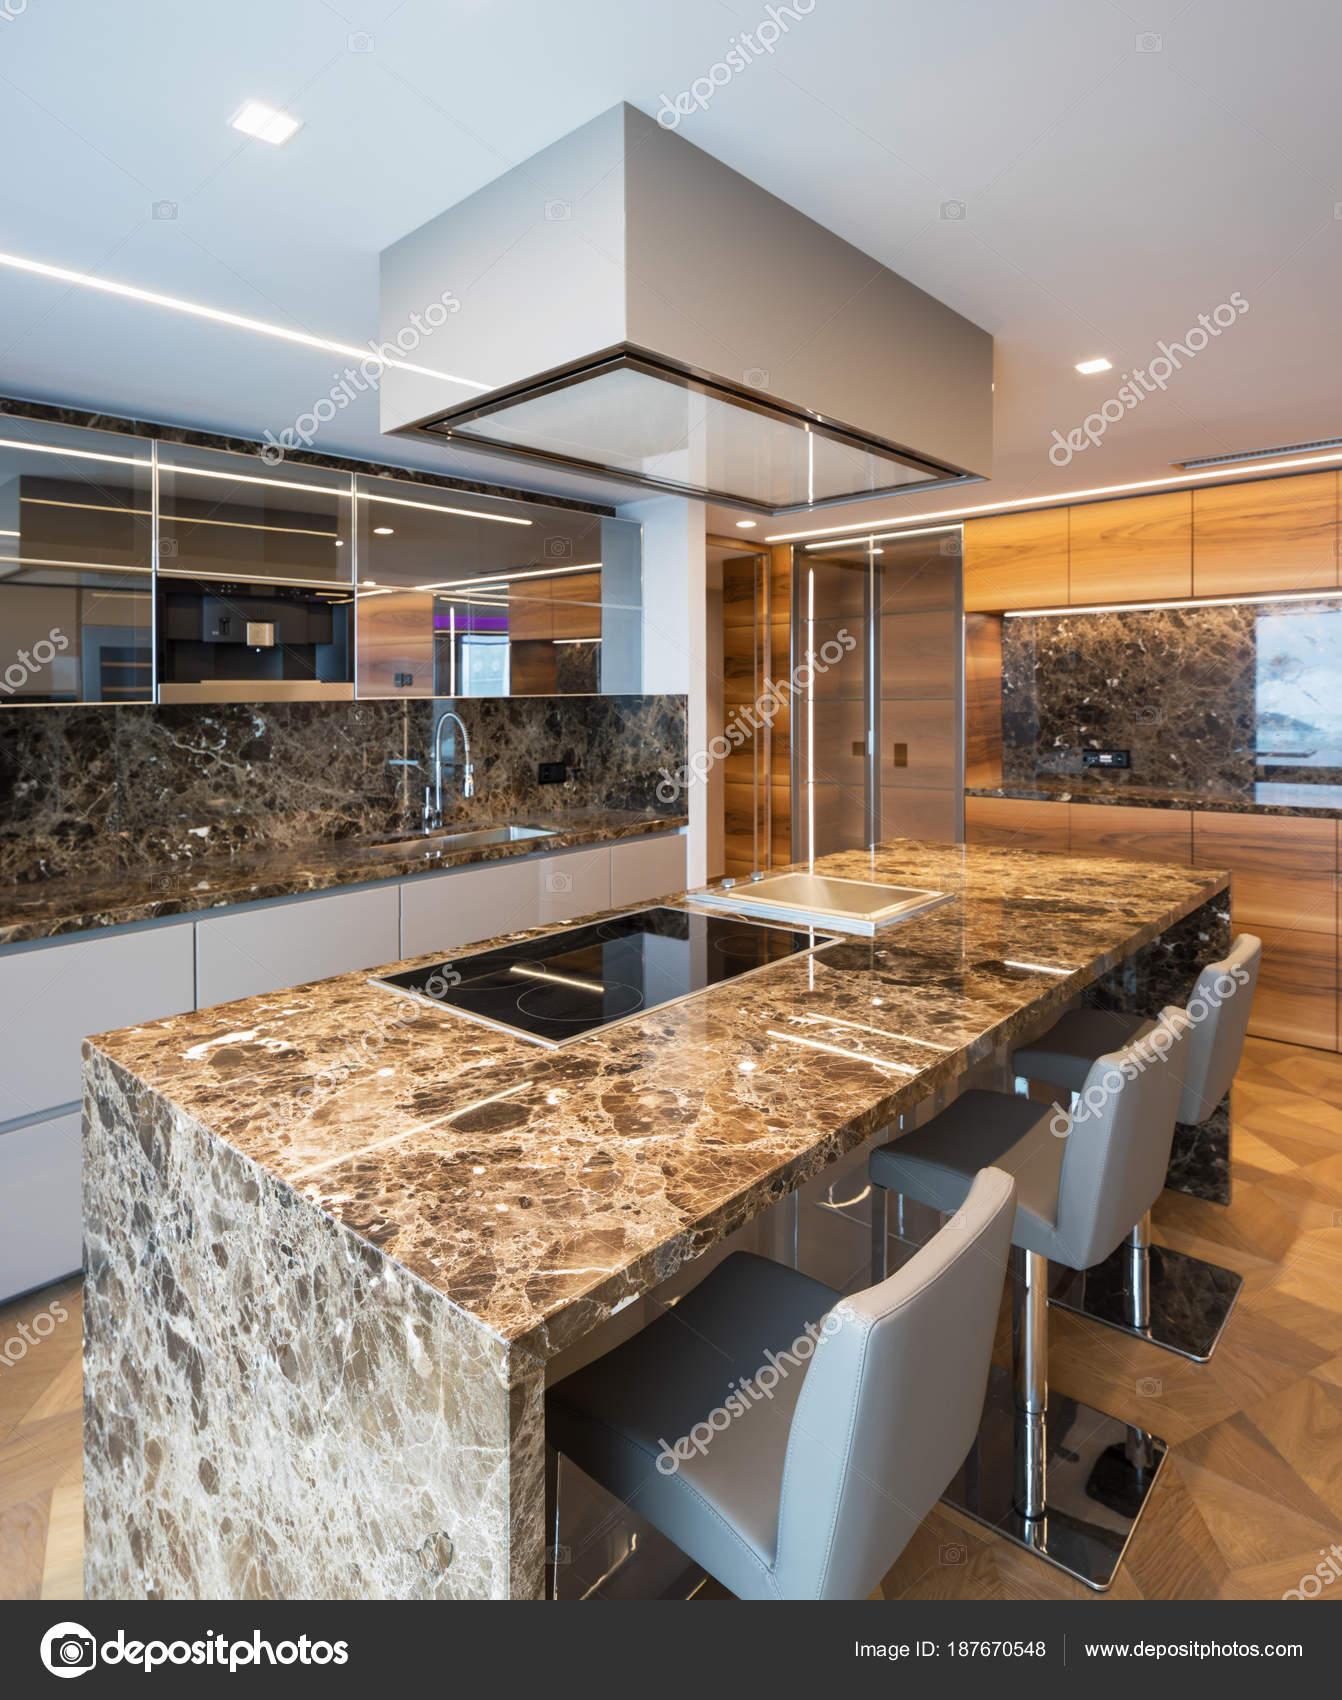 moderne marmor küche mit insel — stockfoto © zveiger #187670548